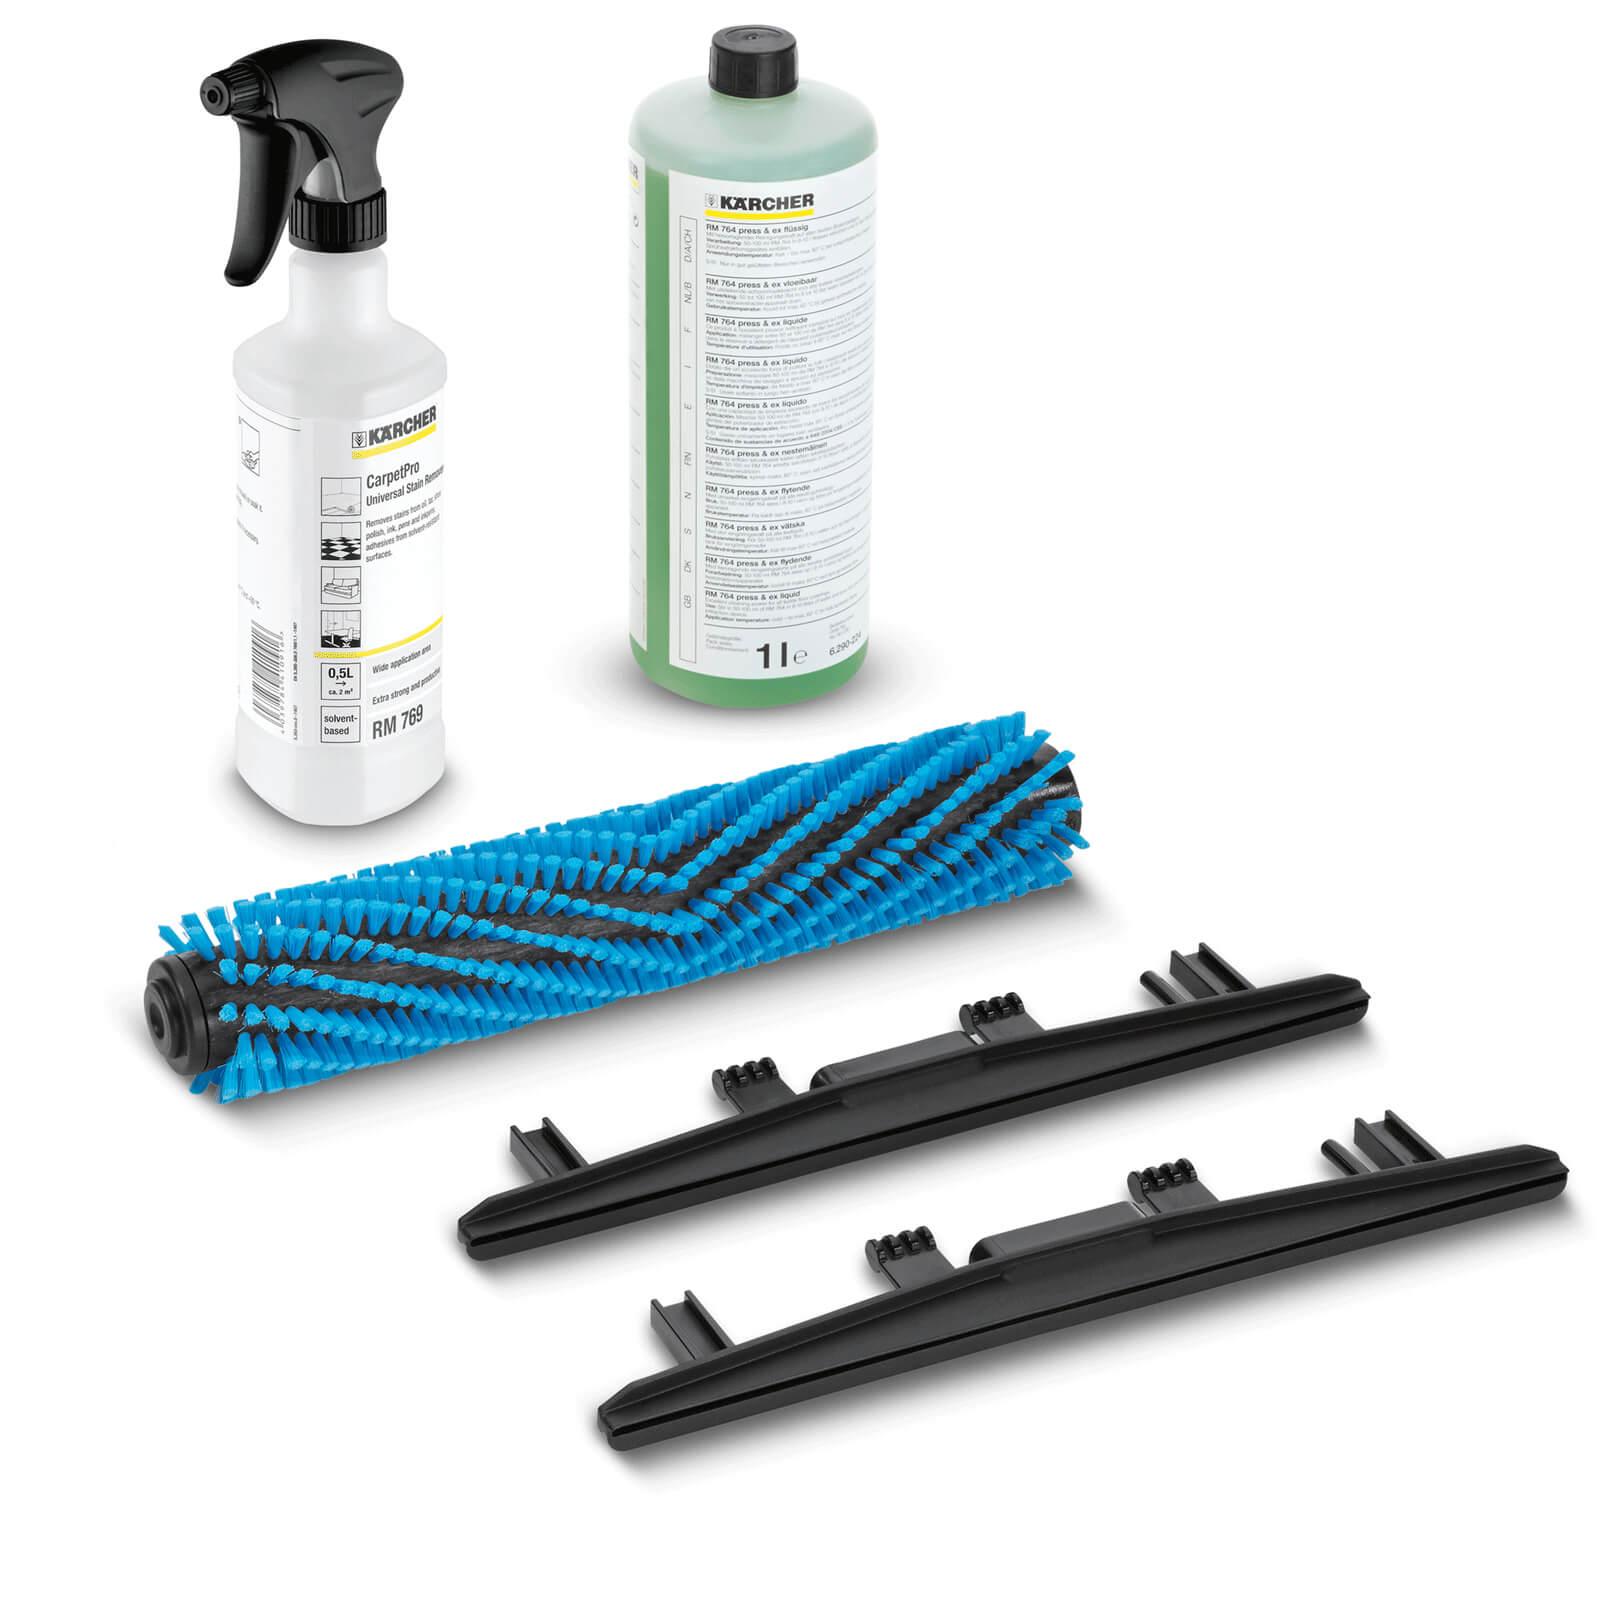 Karcher Carpet Cleaning Kit for BR 30/4 C